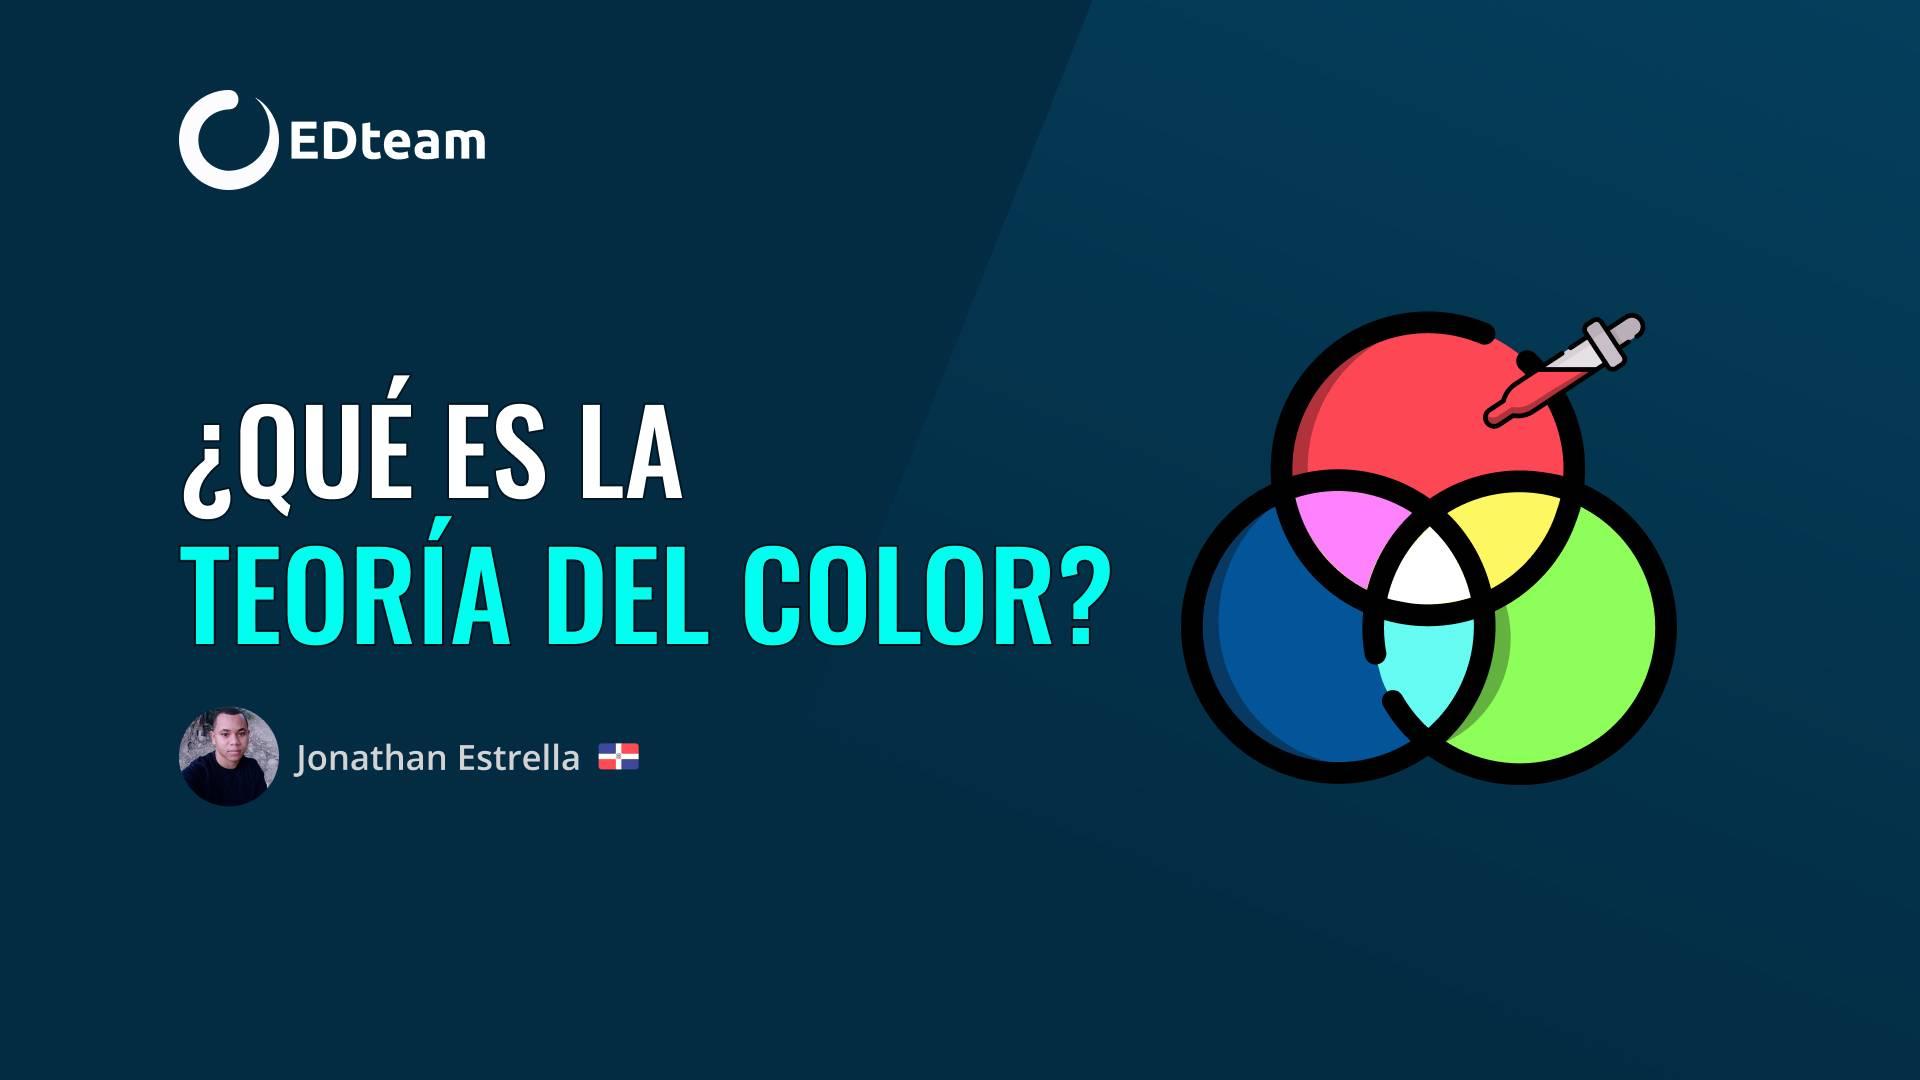 ¿Qué es la teoría del color?